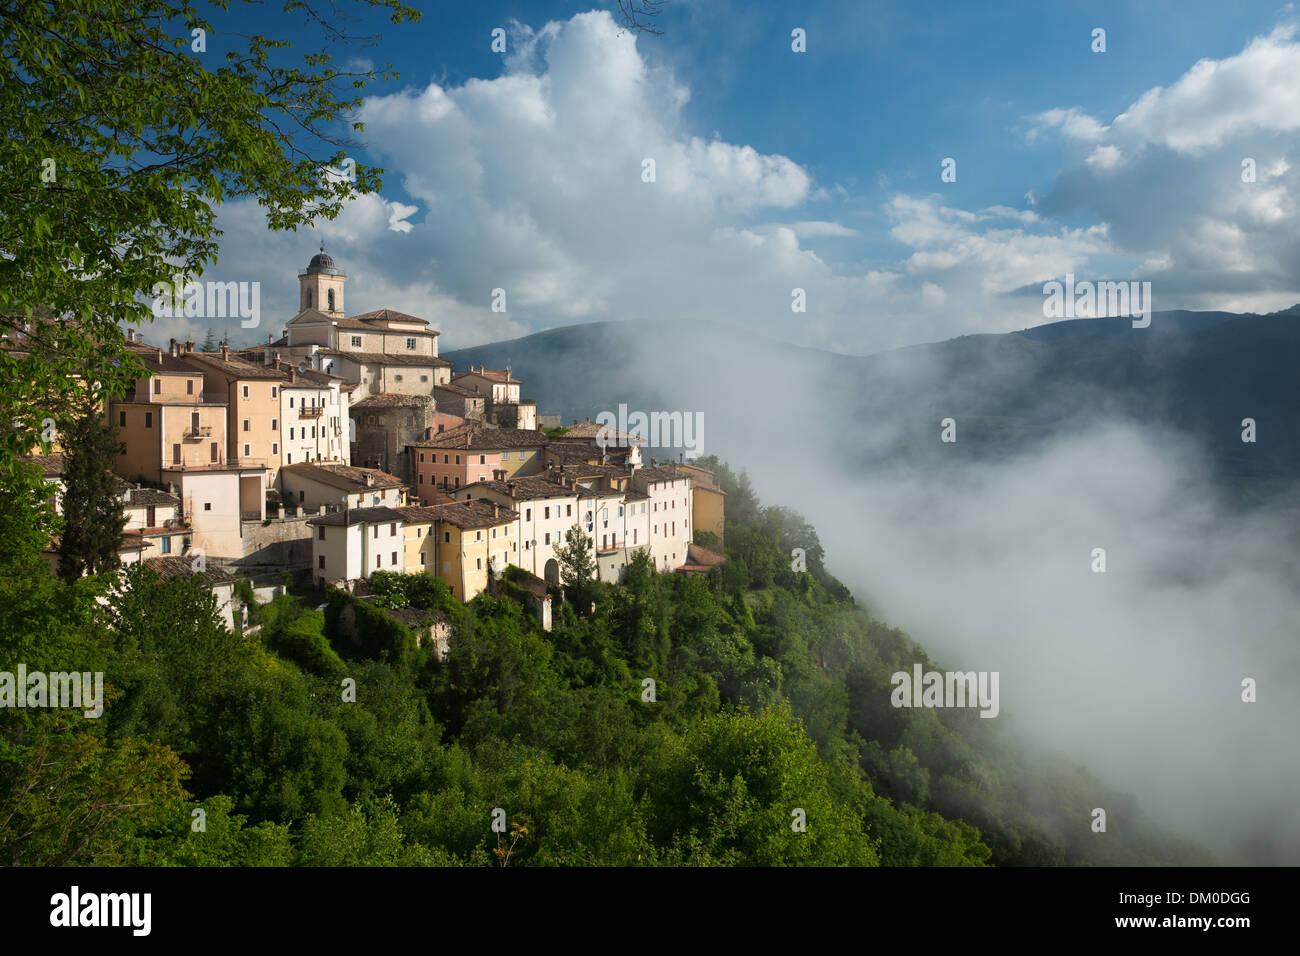 Palazzetto gentilizio Abeto nella foschia sopra la Valnerina, Umbria, Italia Immagini Stock